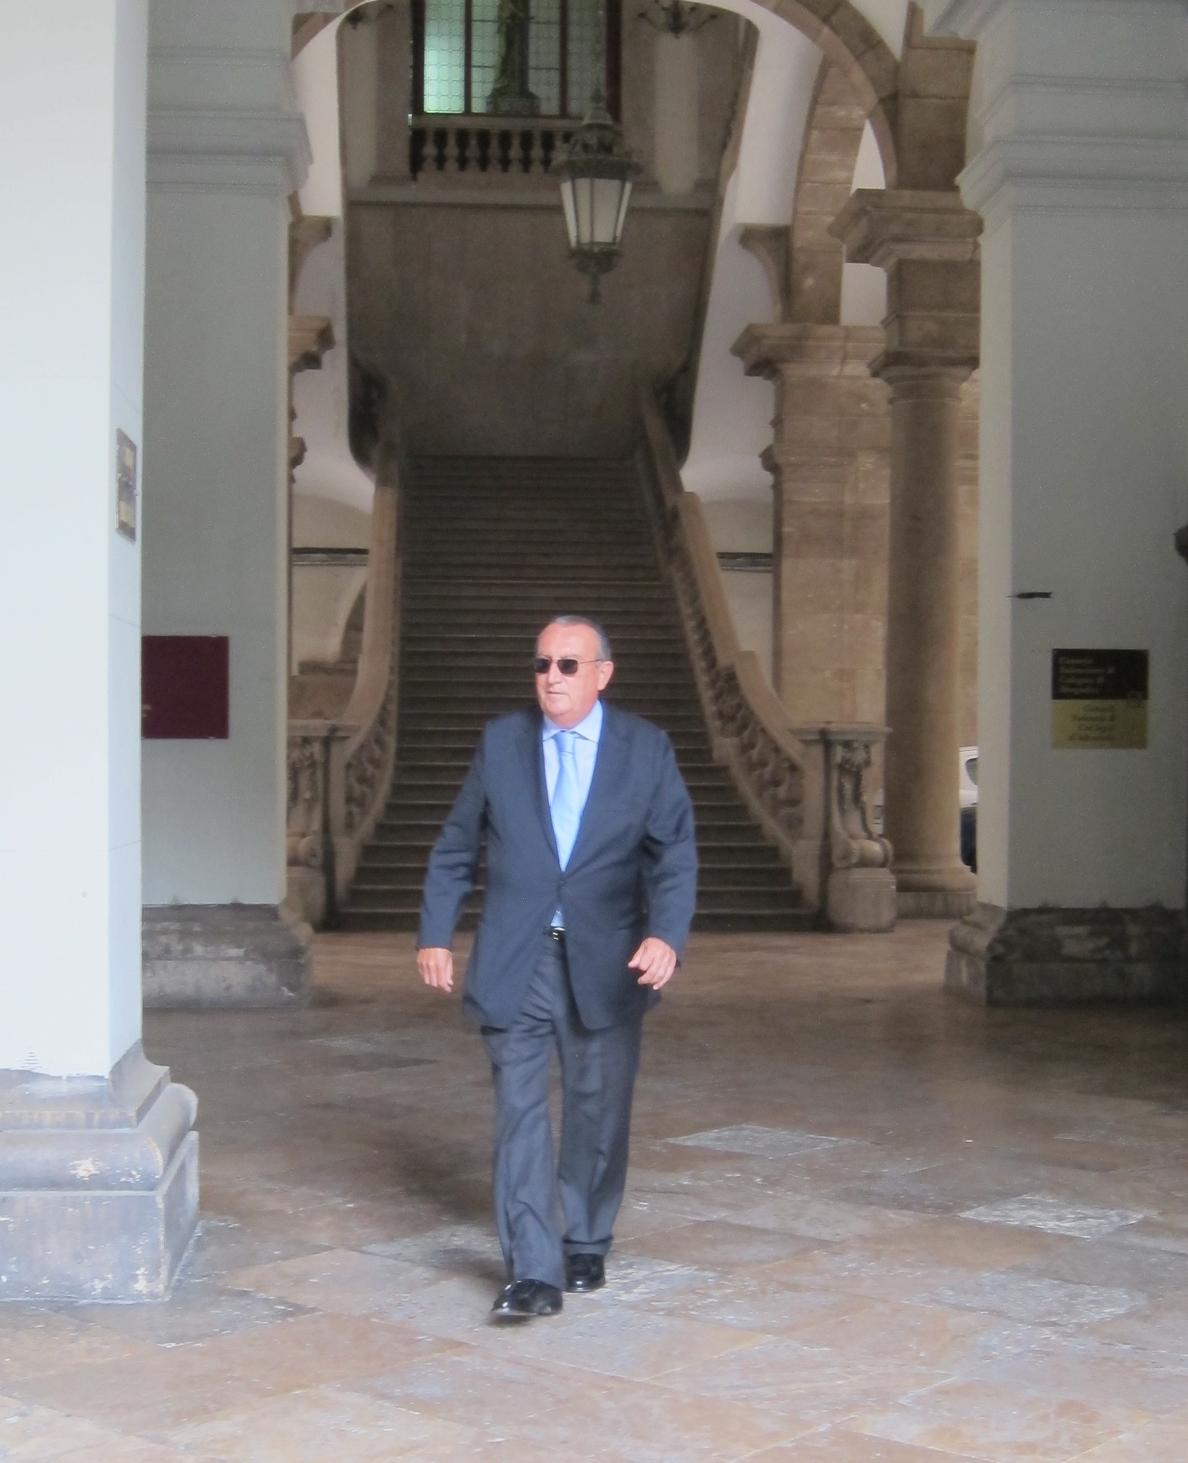 La Generalitat insiste en que no le corresponde valorar la situación jurídica de Carlos Fabra